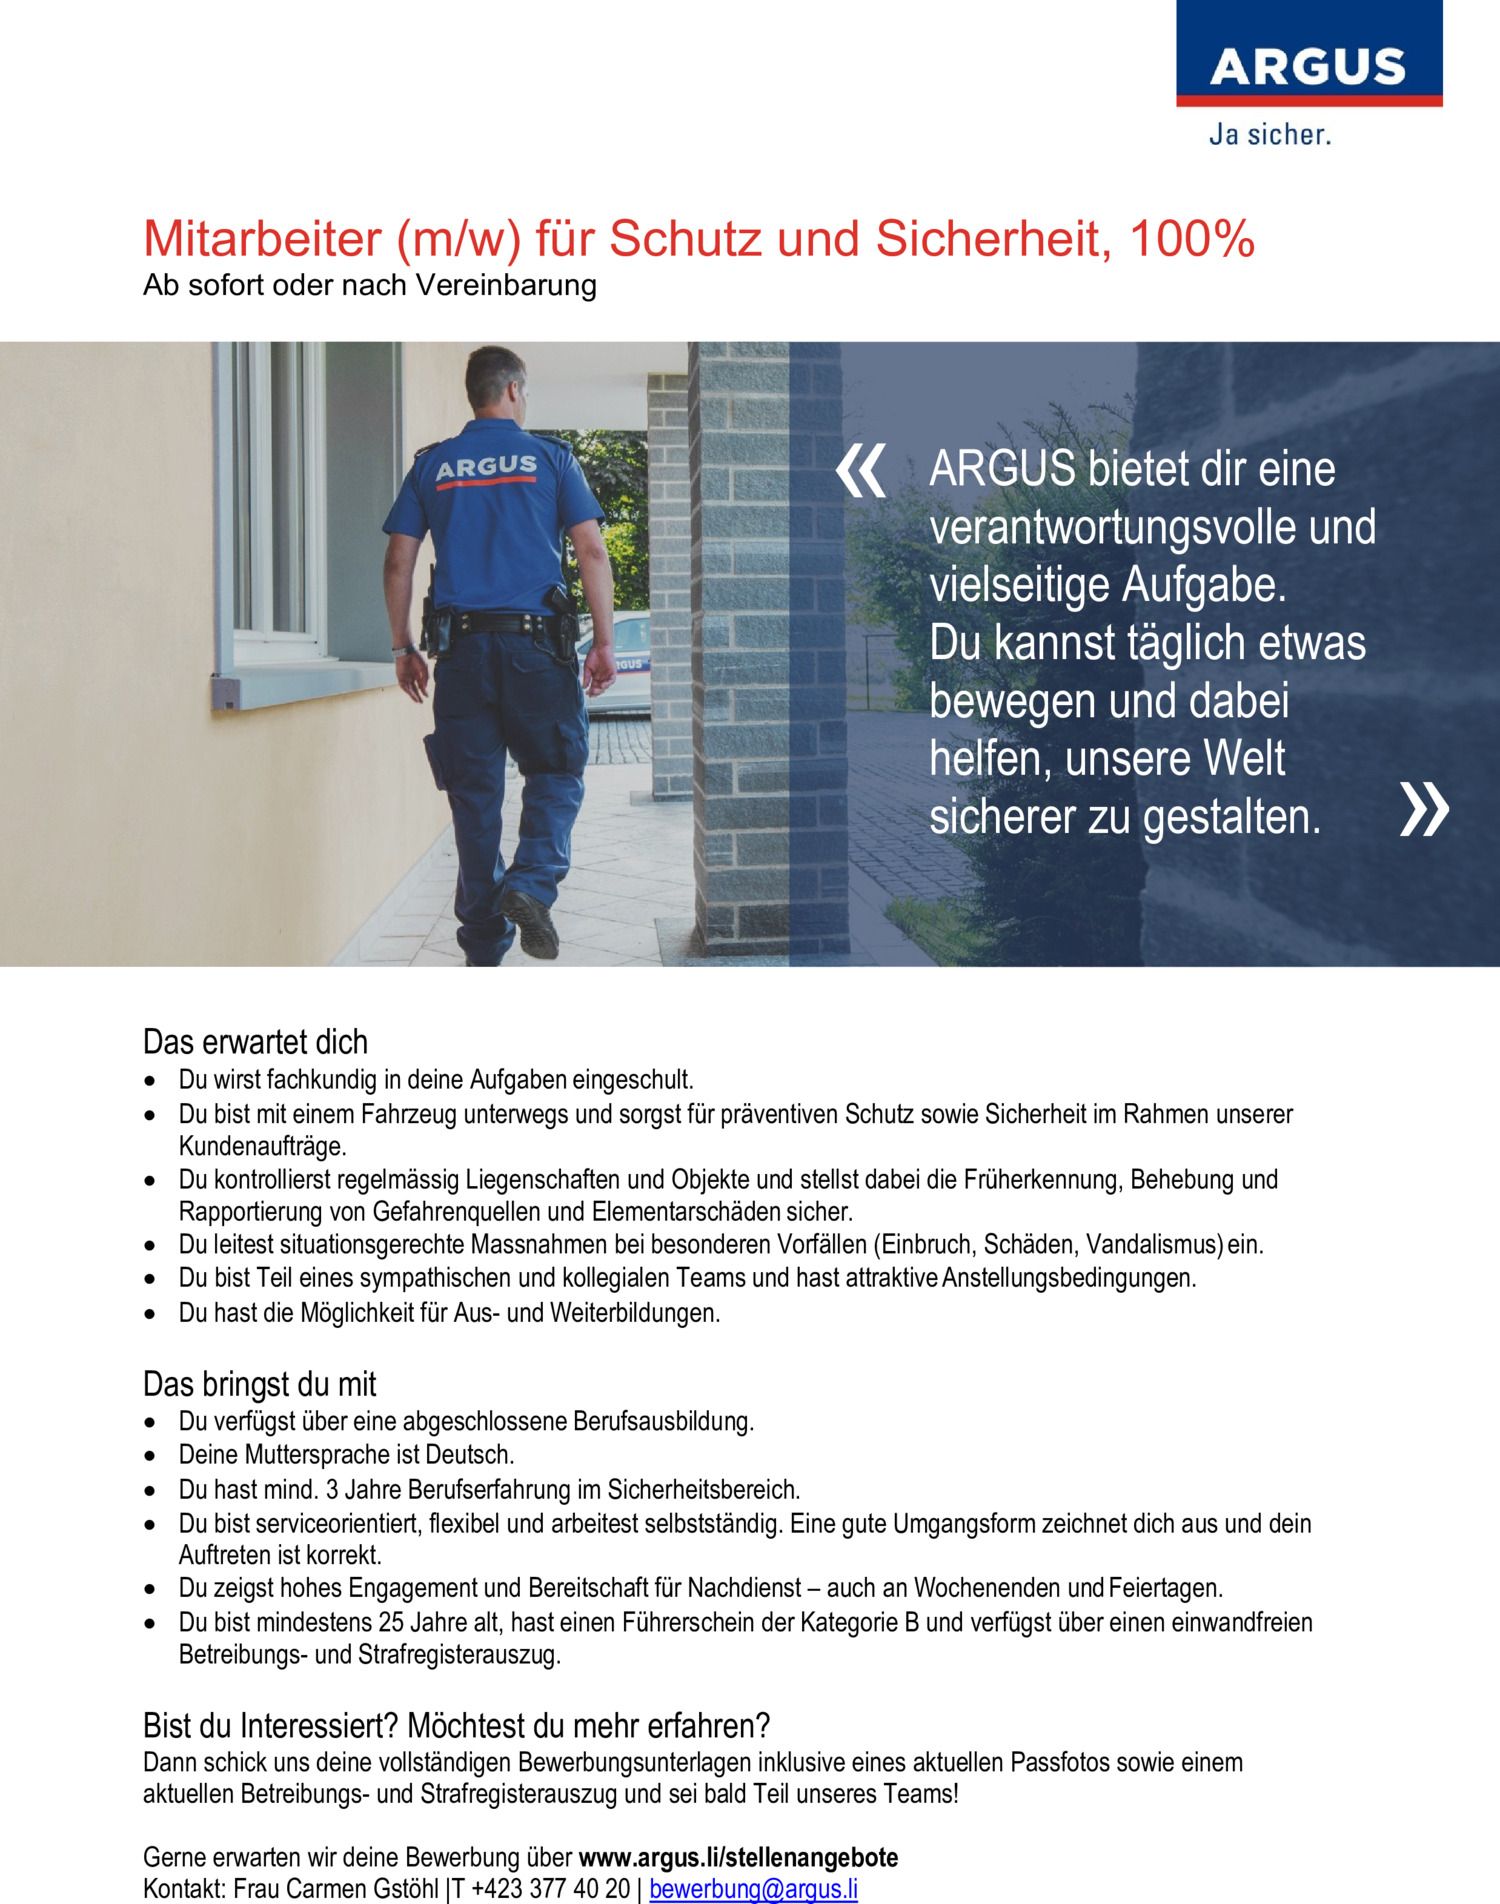 Inserat Mitarbeiter (m/w) für Schutz und Sicherheit, 100%